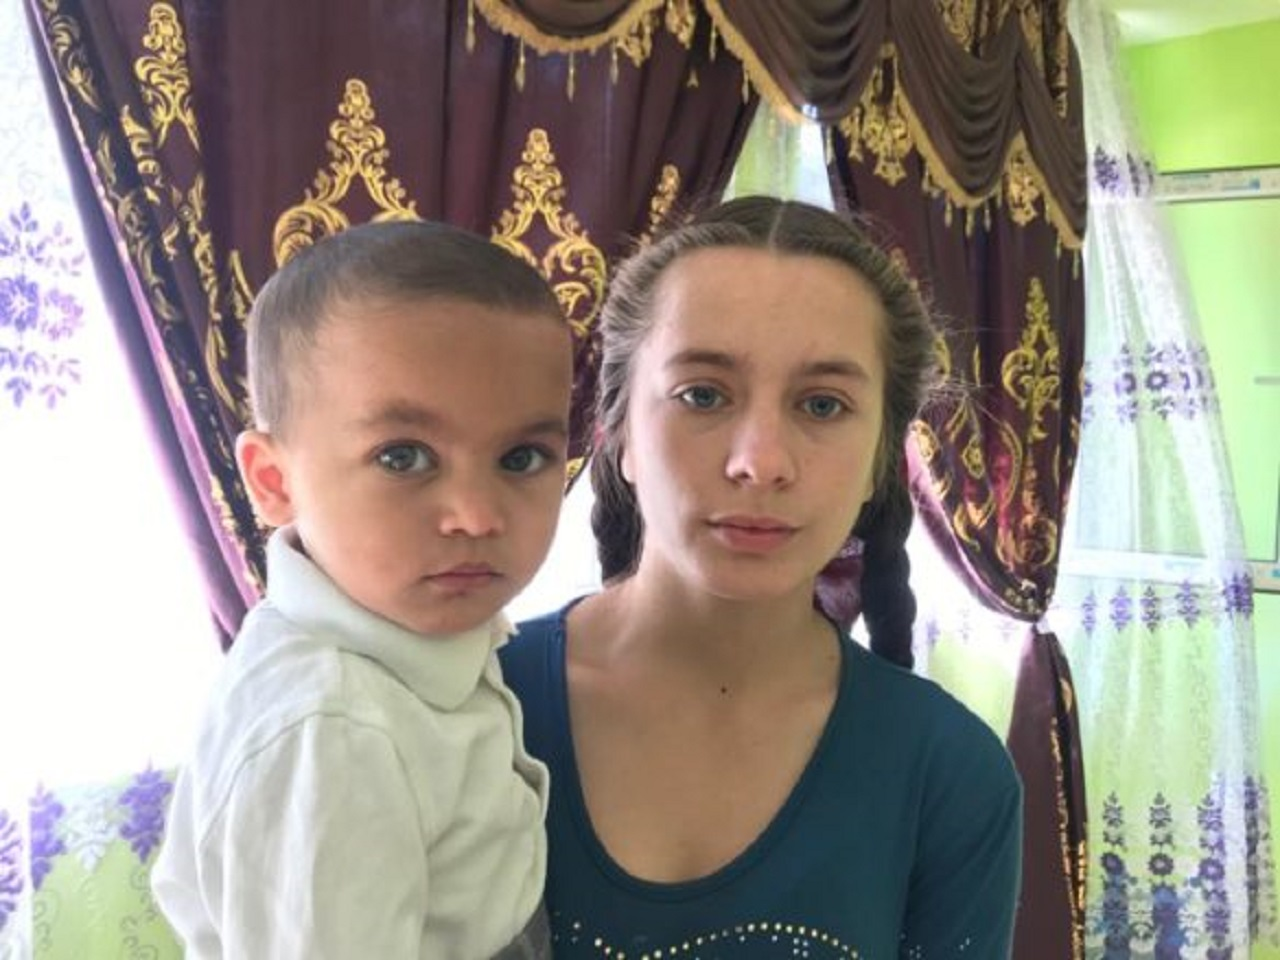 Povestea de viață a Reginei, fata româncă adoptată și crescută de un cuplu de căldărari